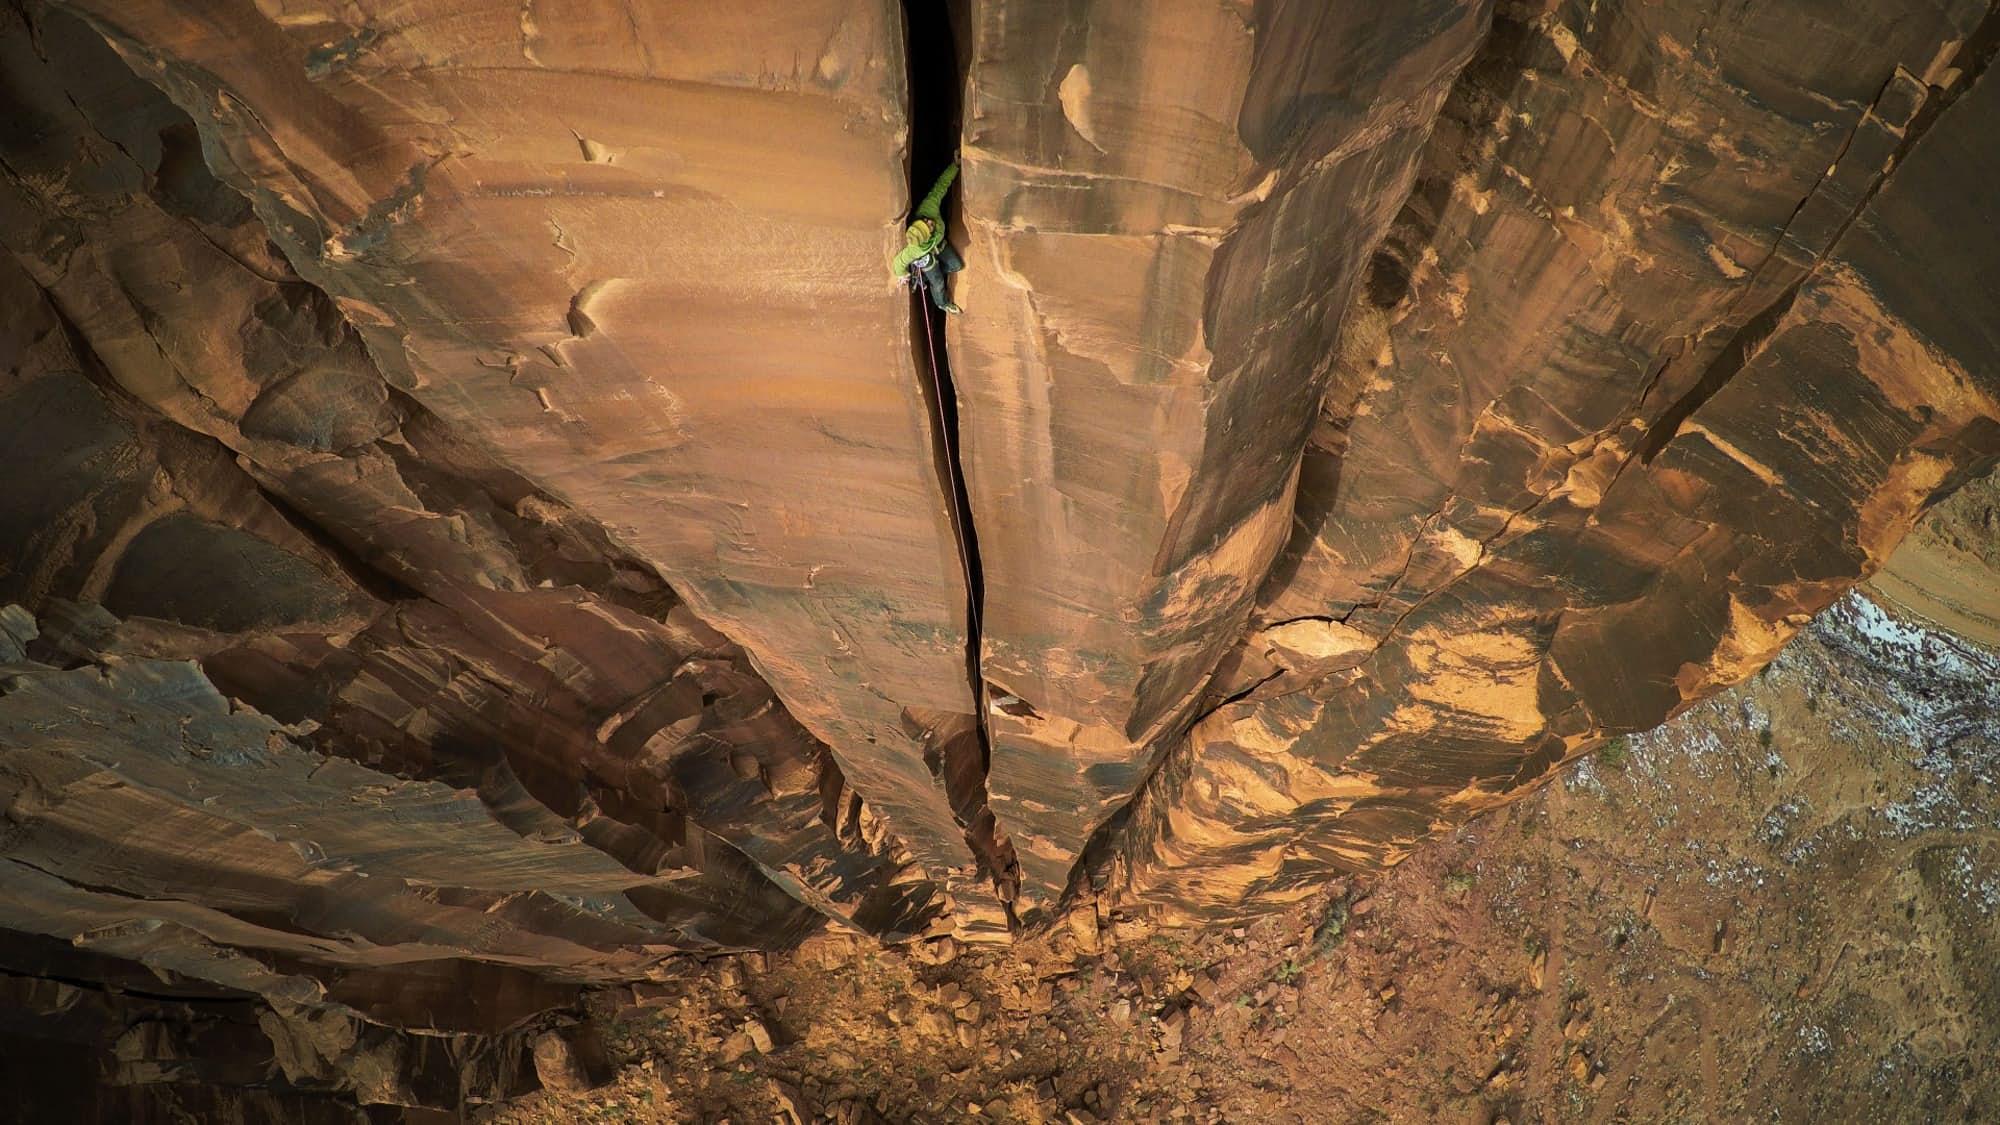 Ảnh đoạt giải nhất hạng mục ảnh mạo hiểm của Nat Geo đầu năm nay. Chụp ở Moab, Mỹ (ảnh: Max Seigal)